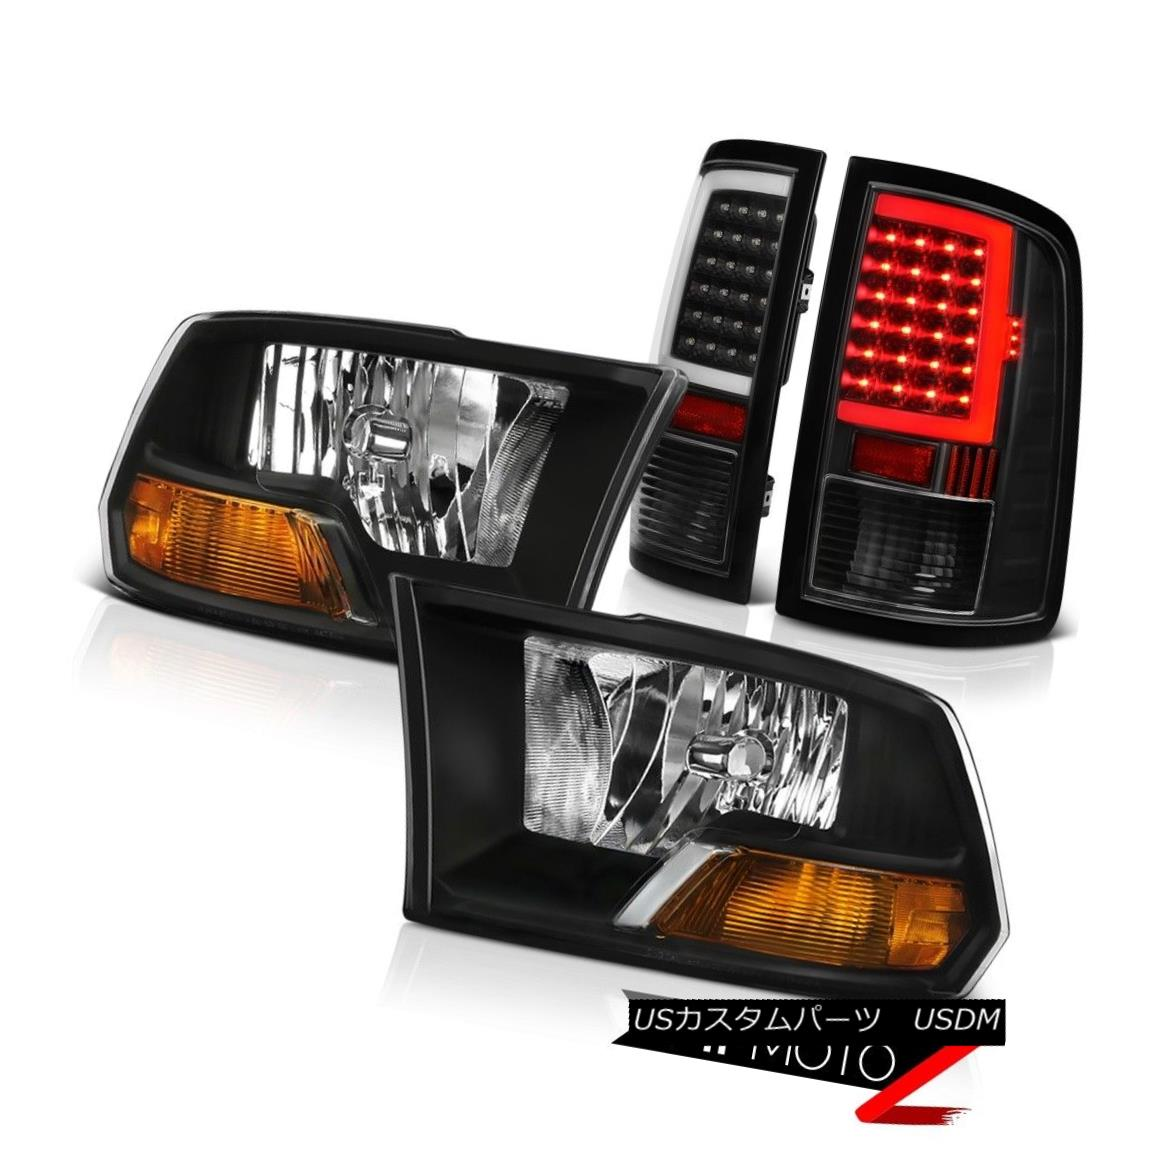 ヘッドライト 09-18 Dodge RAM 3500 Black Neon Tube Tail Lamps Factory Style Headlamp Assembly 09-18ダッジRAM 3500ブラックネオンチューブテールランプ工場スタイルヘッドランプアセンブリ